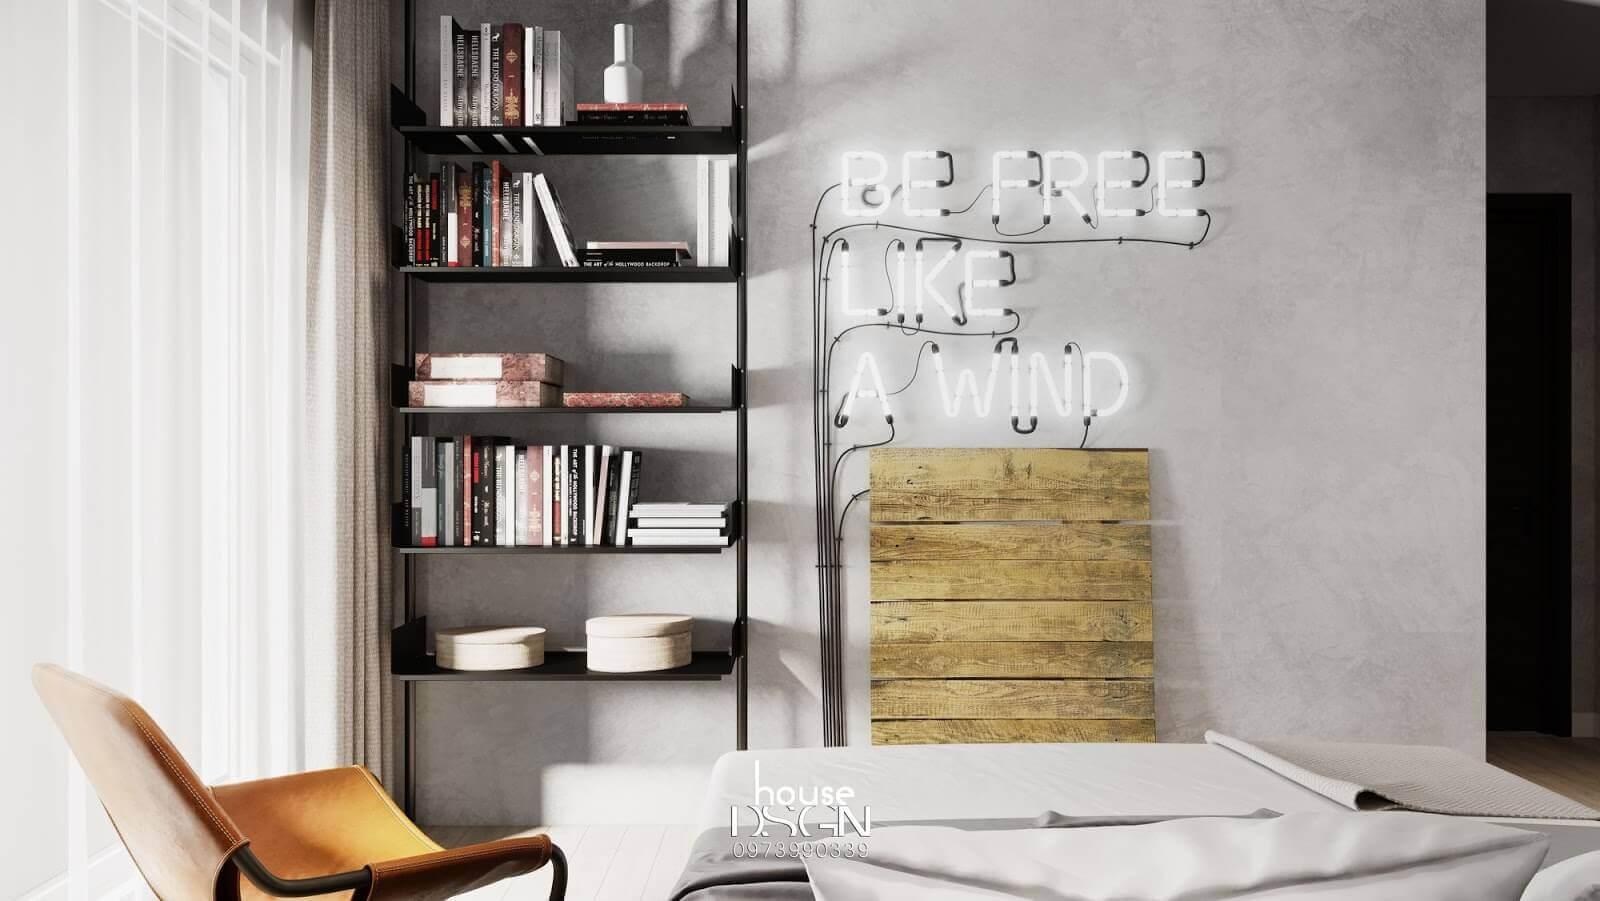 phong cách thiết kế nội thất công nghiệp chuyên nghiệp